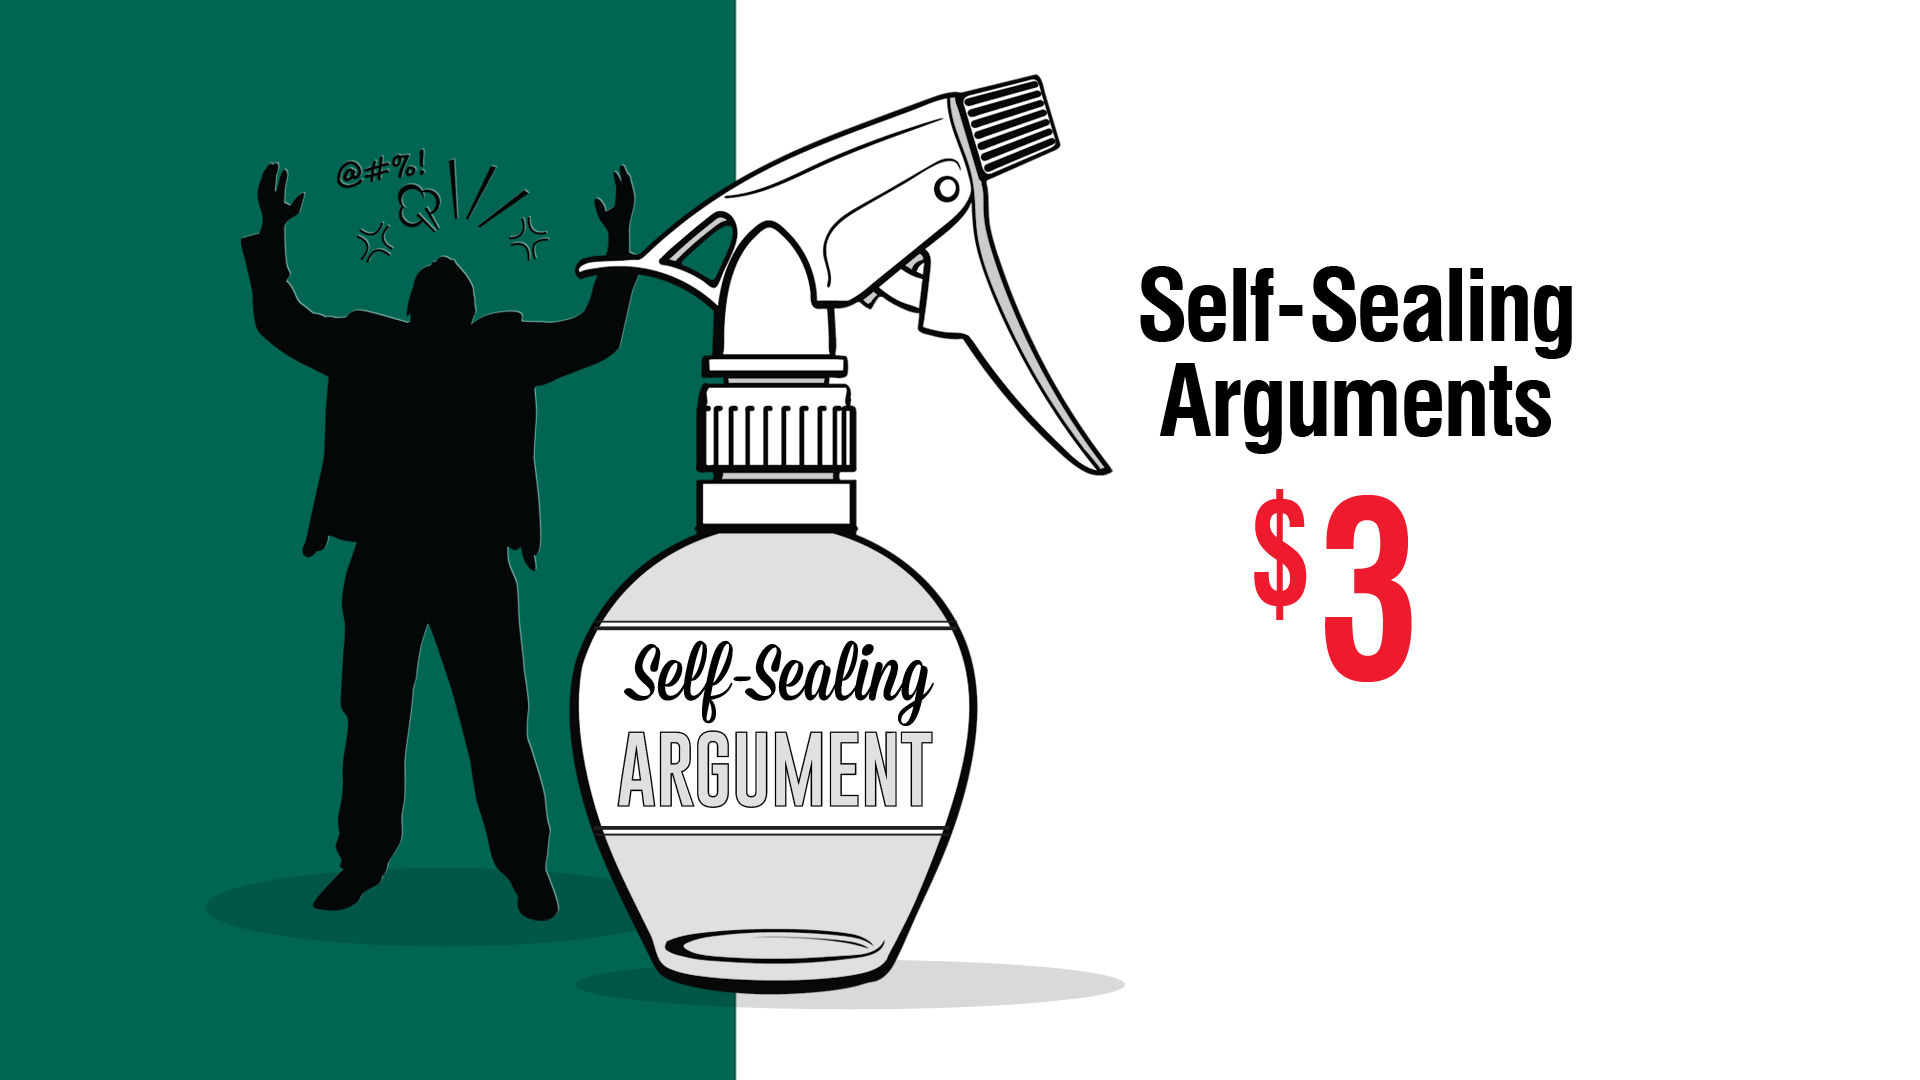 120_04_Bunnings_BOTTLE_Self_Sealing_Argu